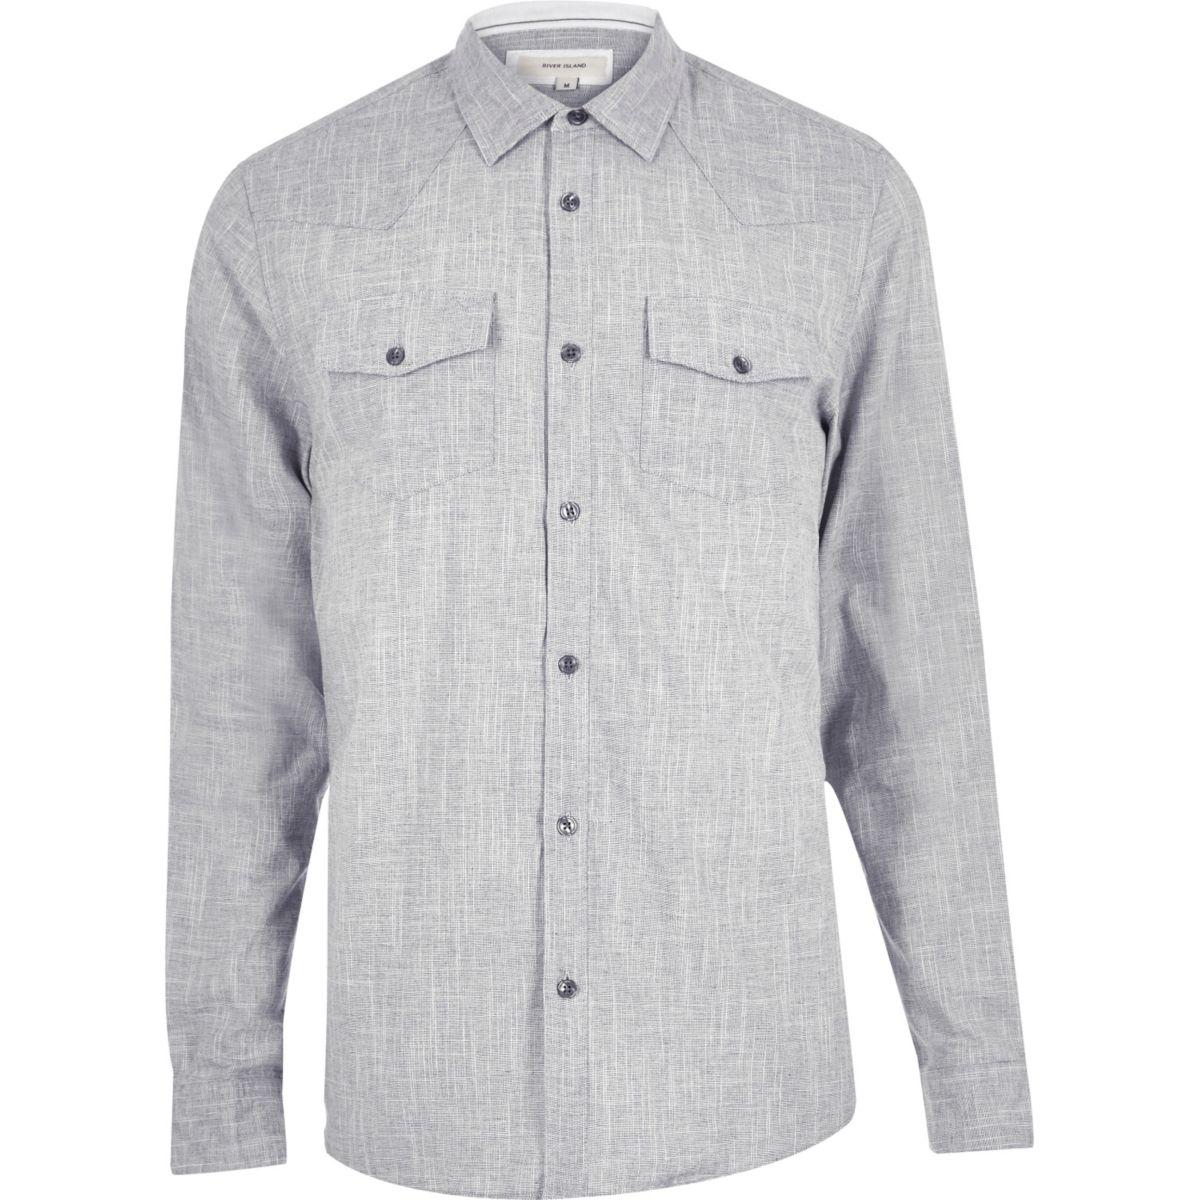 Grey crosshatch western shirt